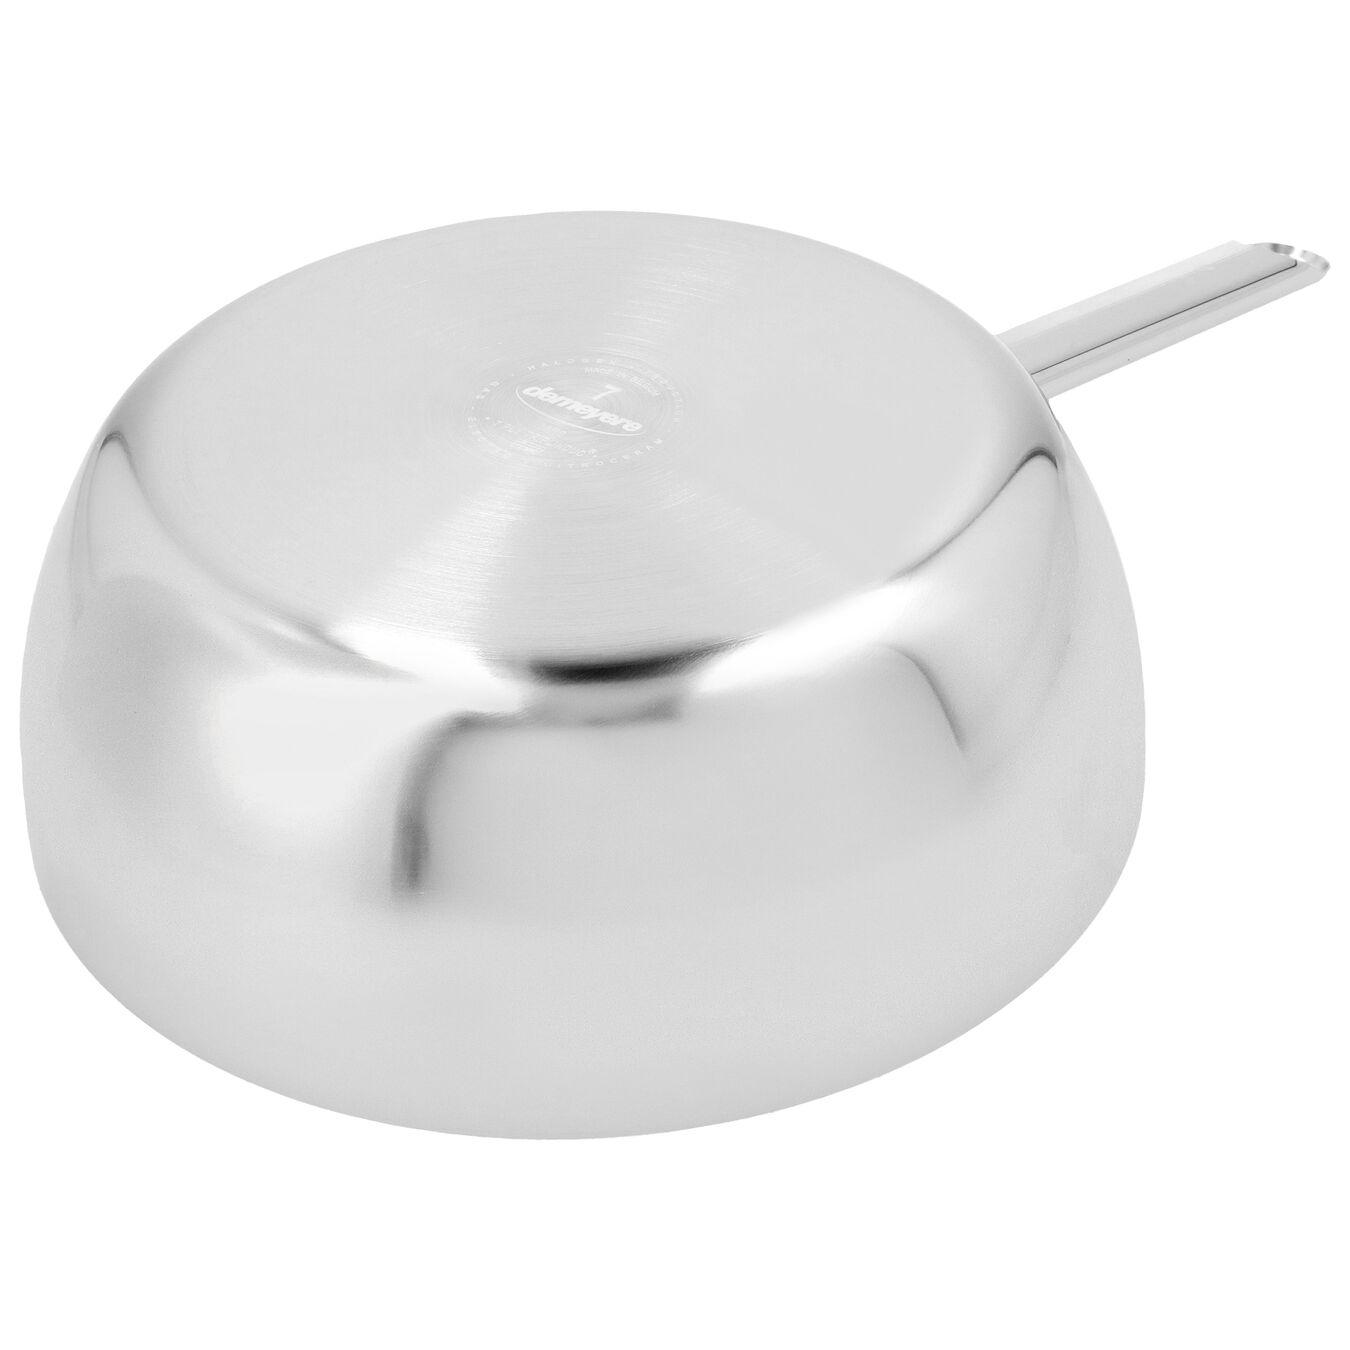 Sauteuse konisk 24 cm, 18/10 Rostfritt stål,,large 3